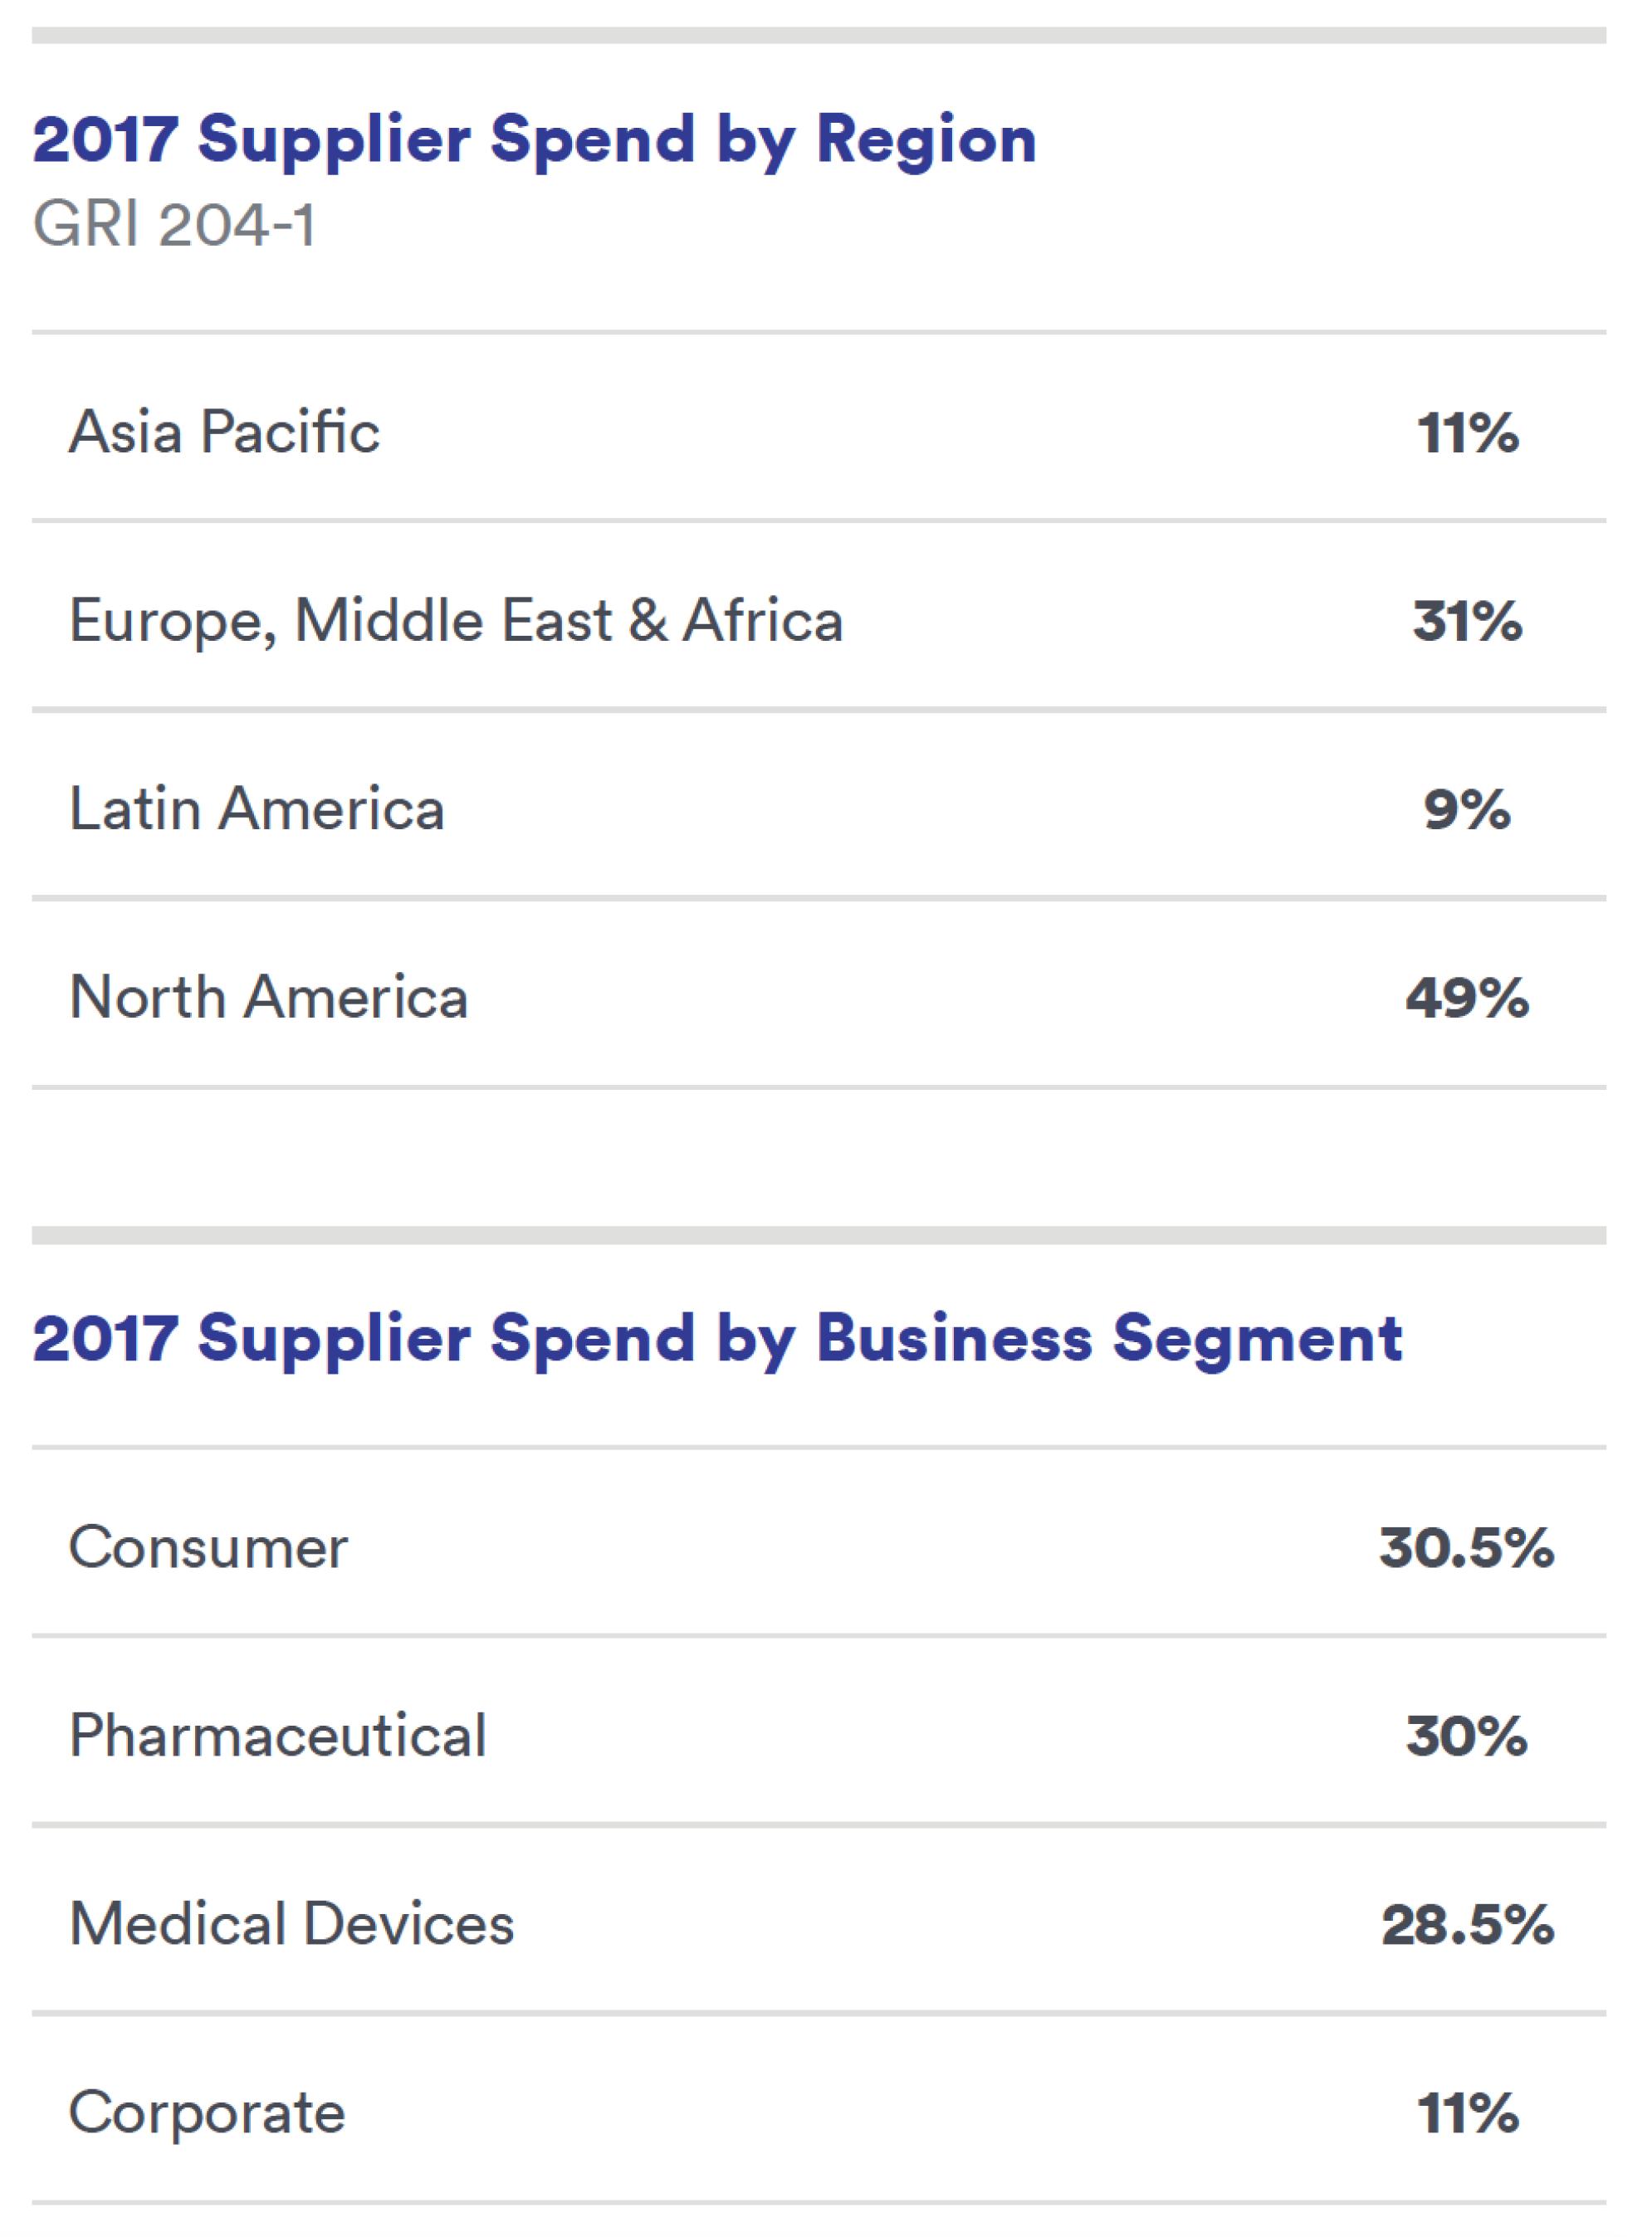 2017 Supplier Spend by Region